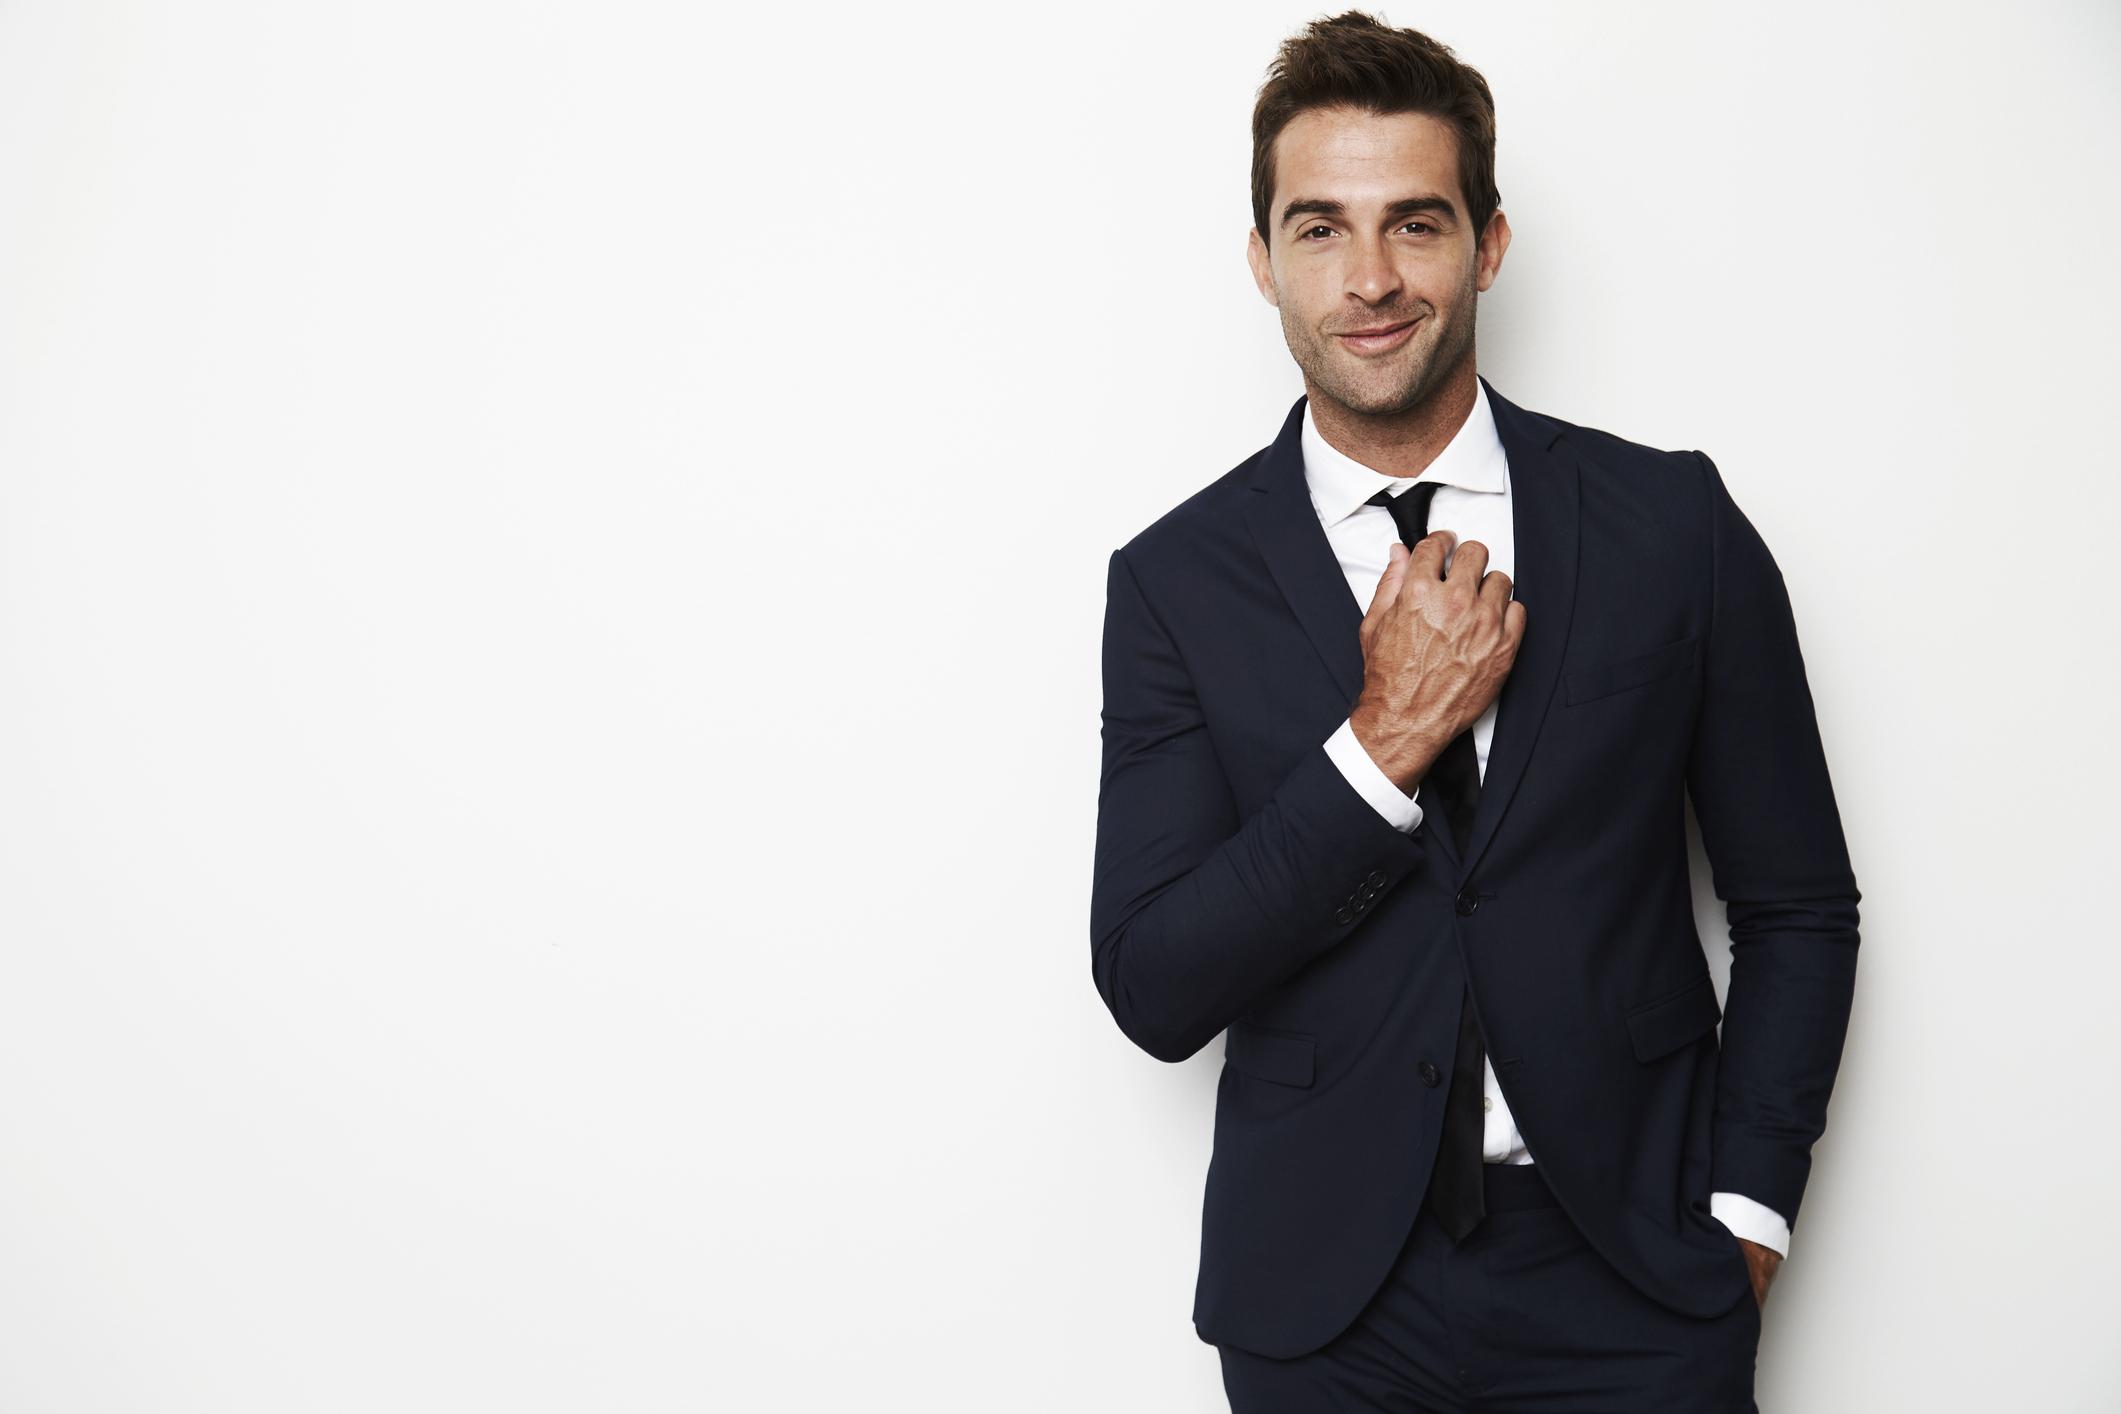 Handsome businessman adjusting tie, smiling